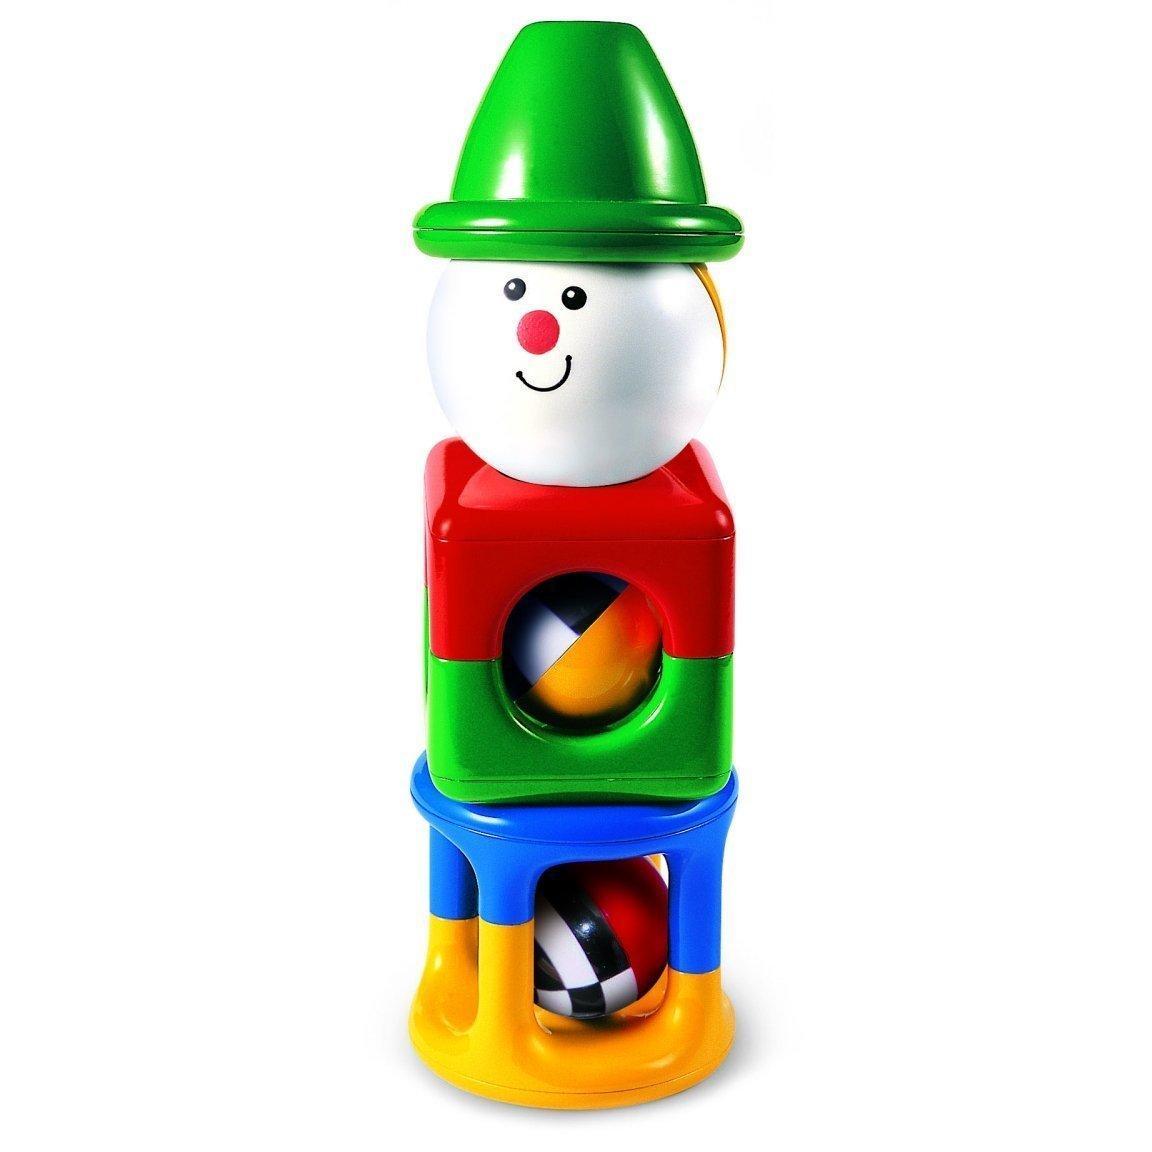 """Квадратная пирамидка """"Клоун""""Tolo Toys (Толо Тойз)"""